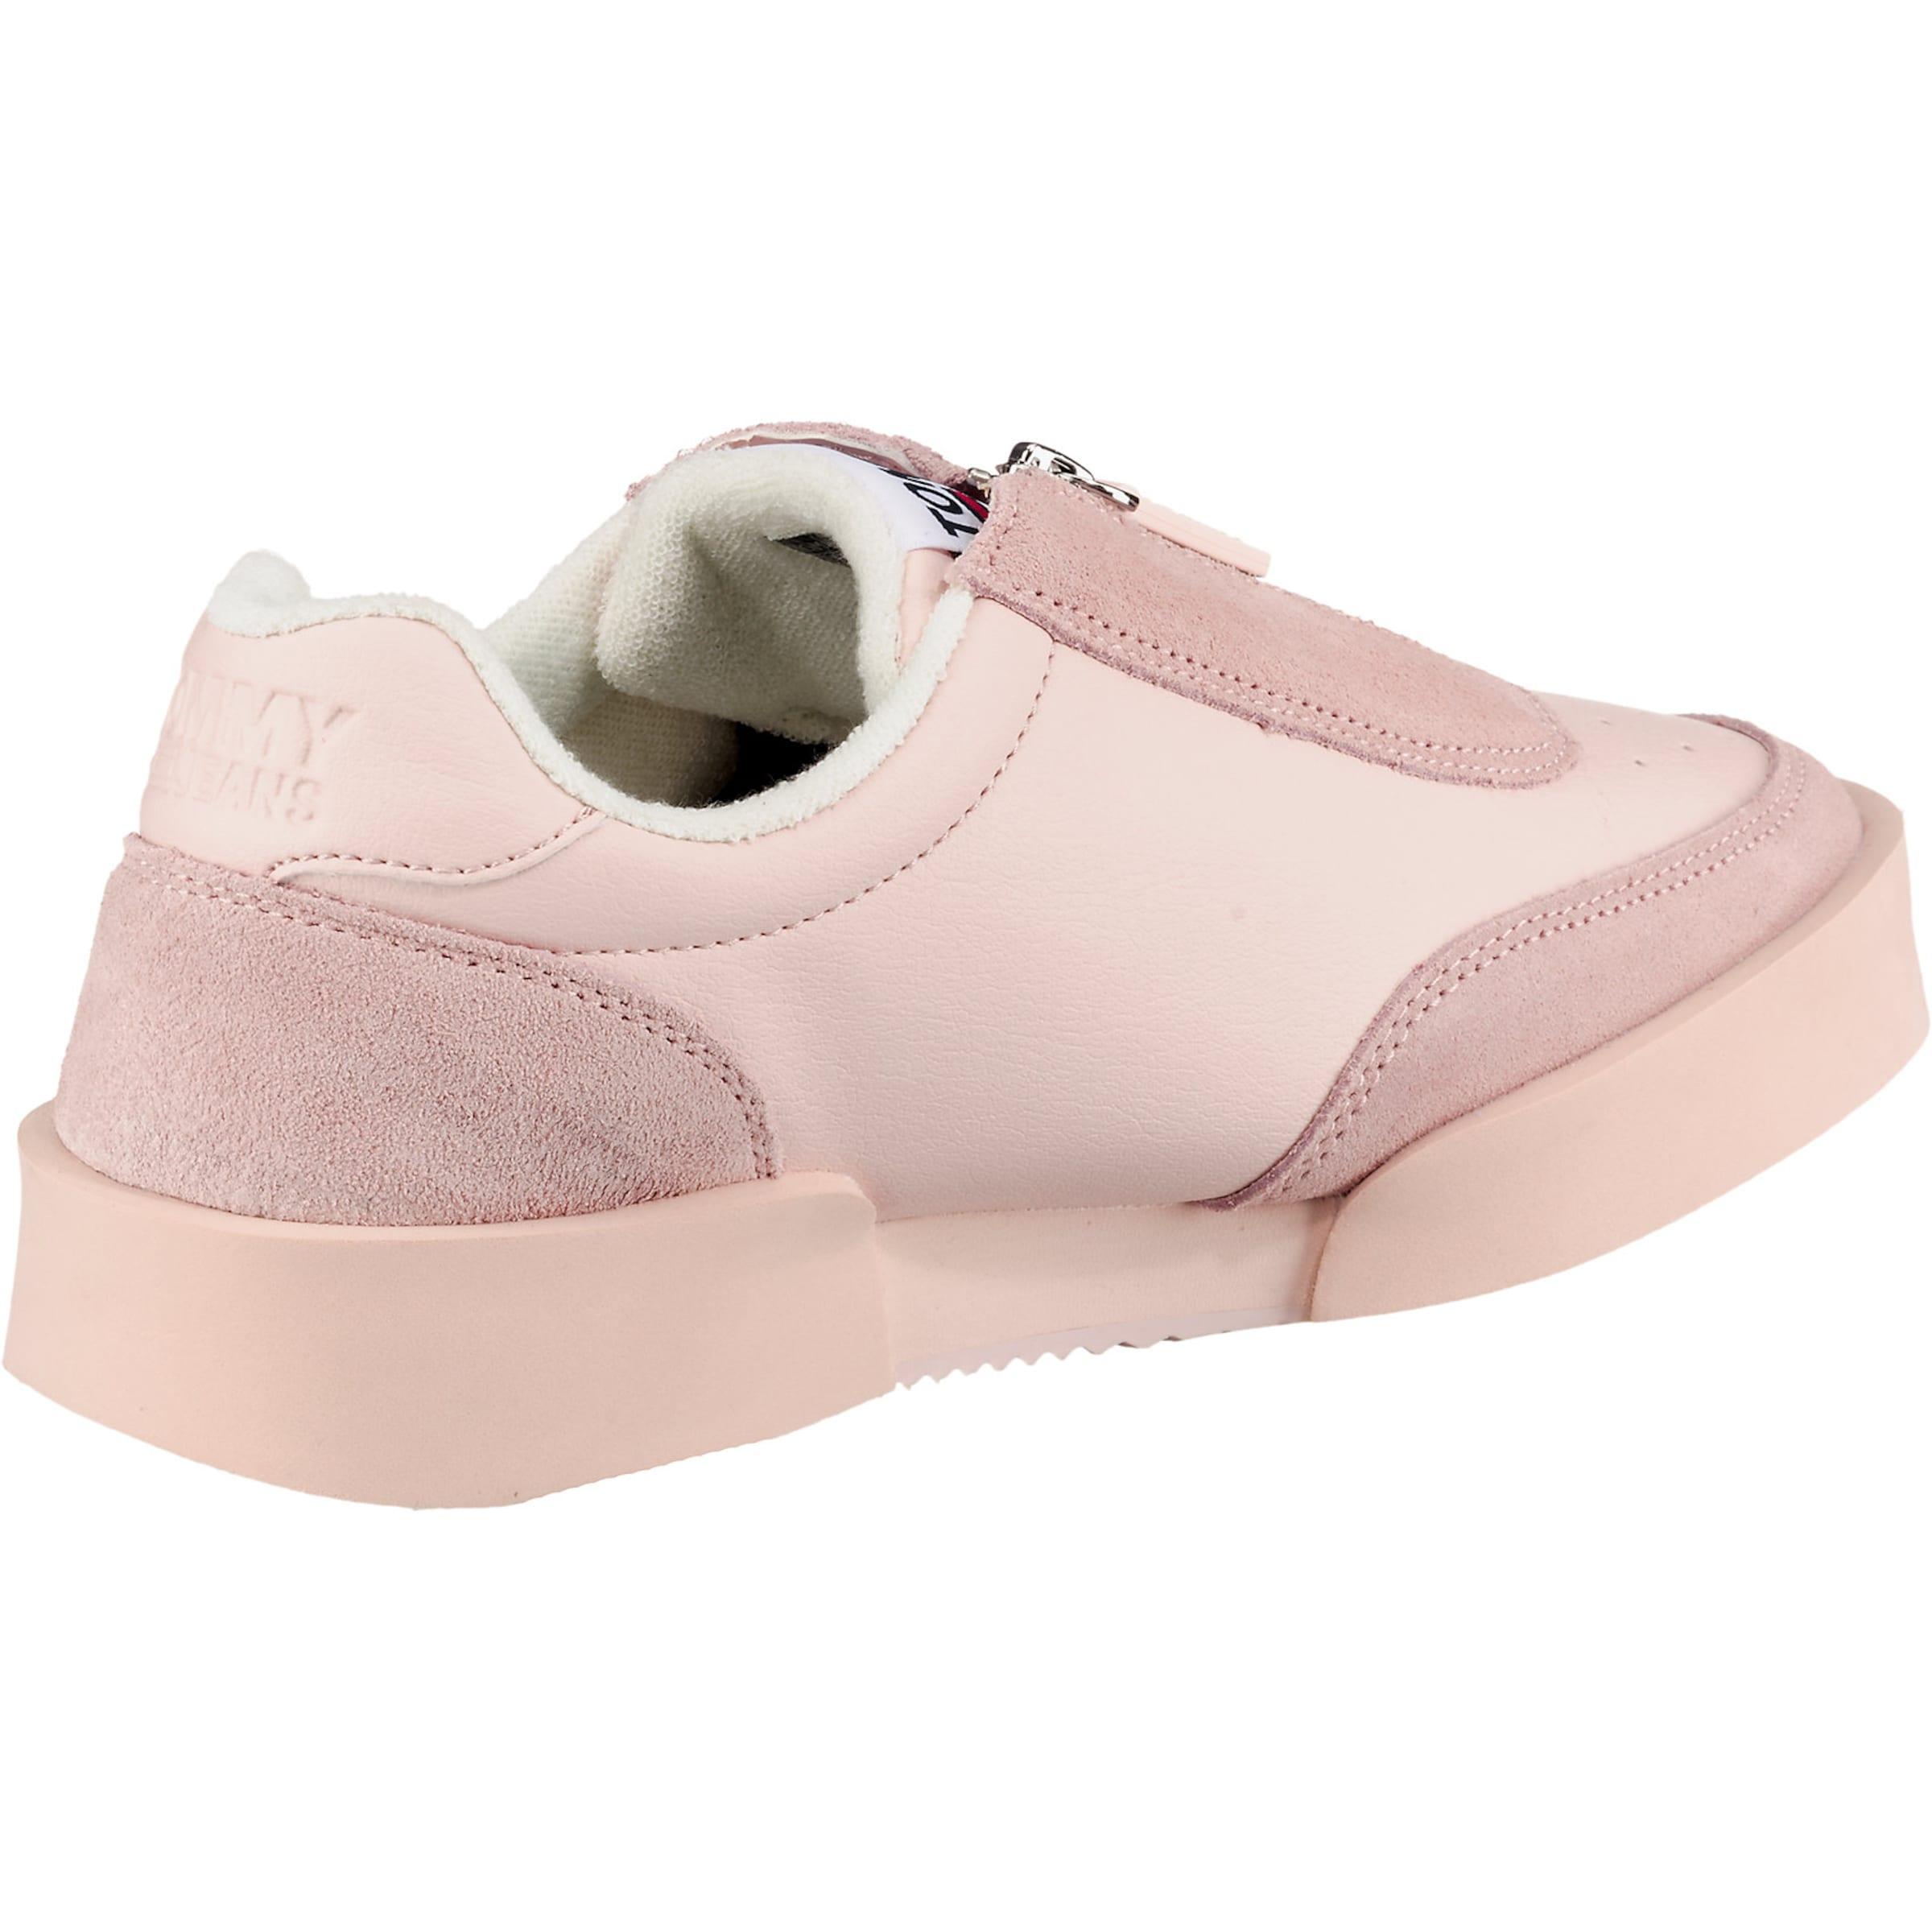 'tommy Sneaker' Light Zipper Tommy Jeans Sneaker Rosa In mN8nw0